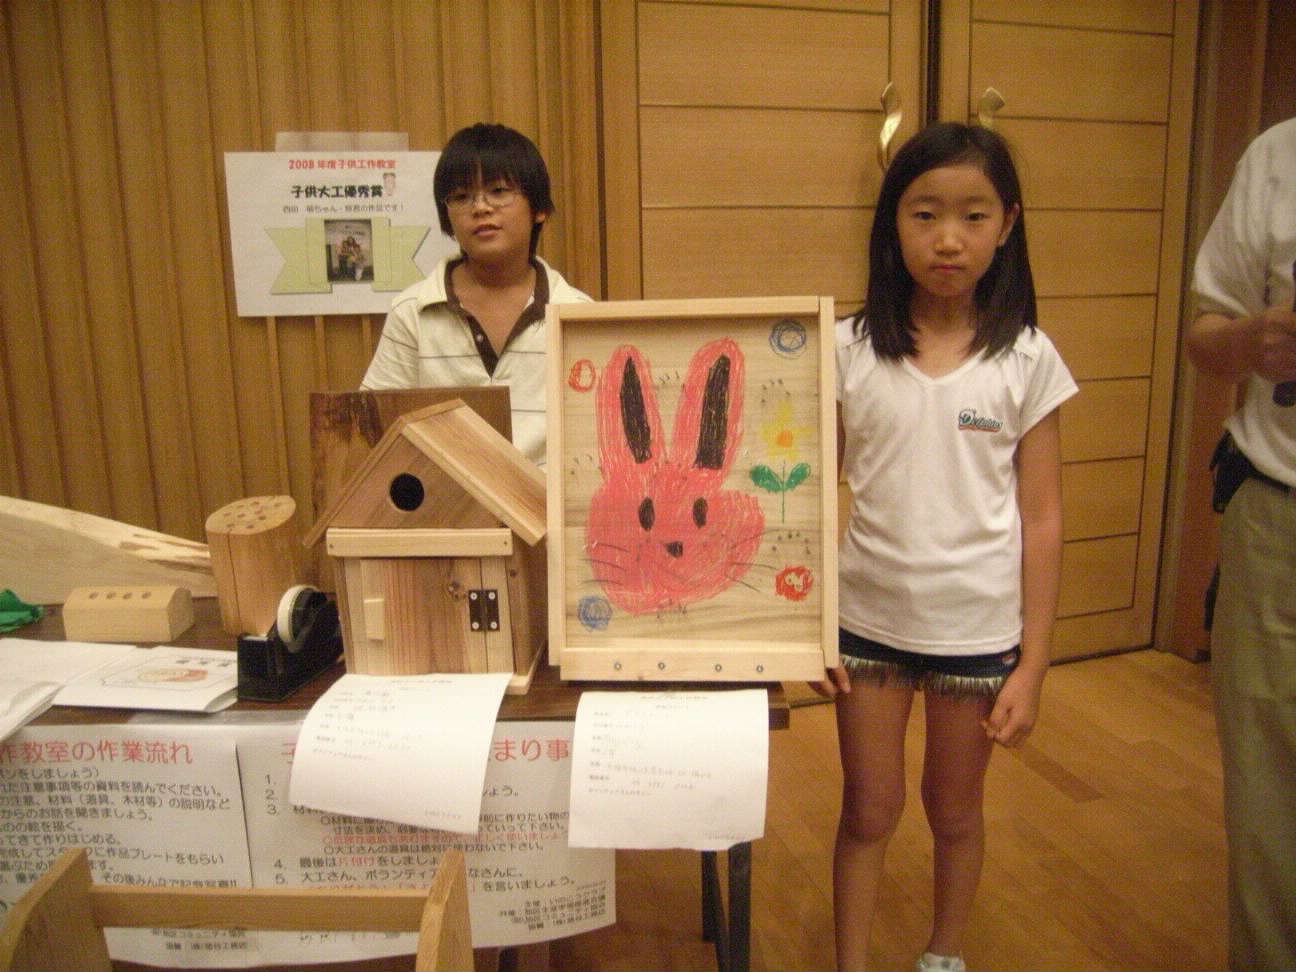 今年の夏休み子供工作教室 終わりました_f0052181_2027330.jpg